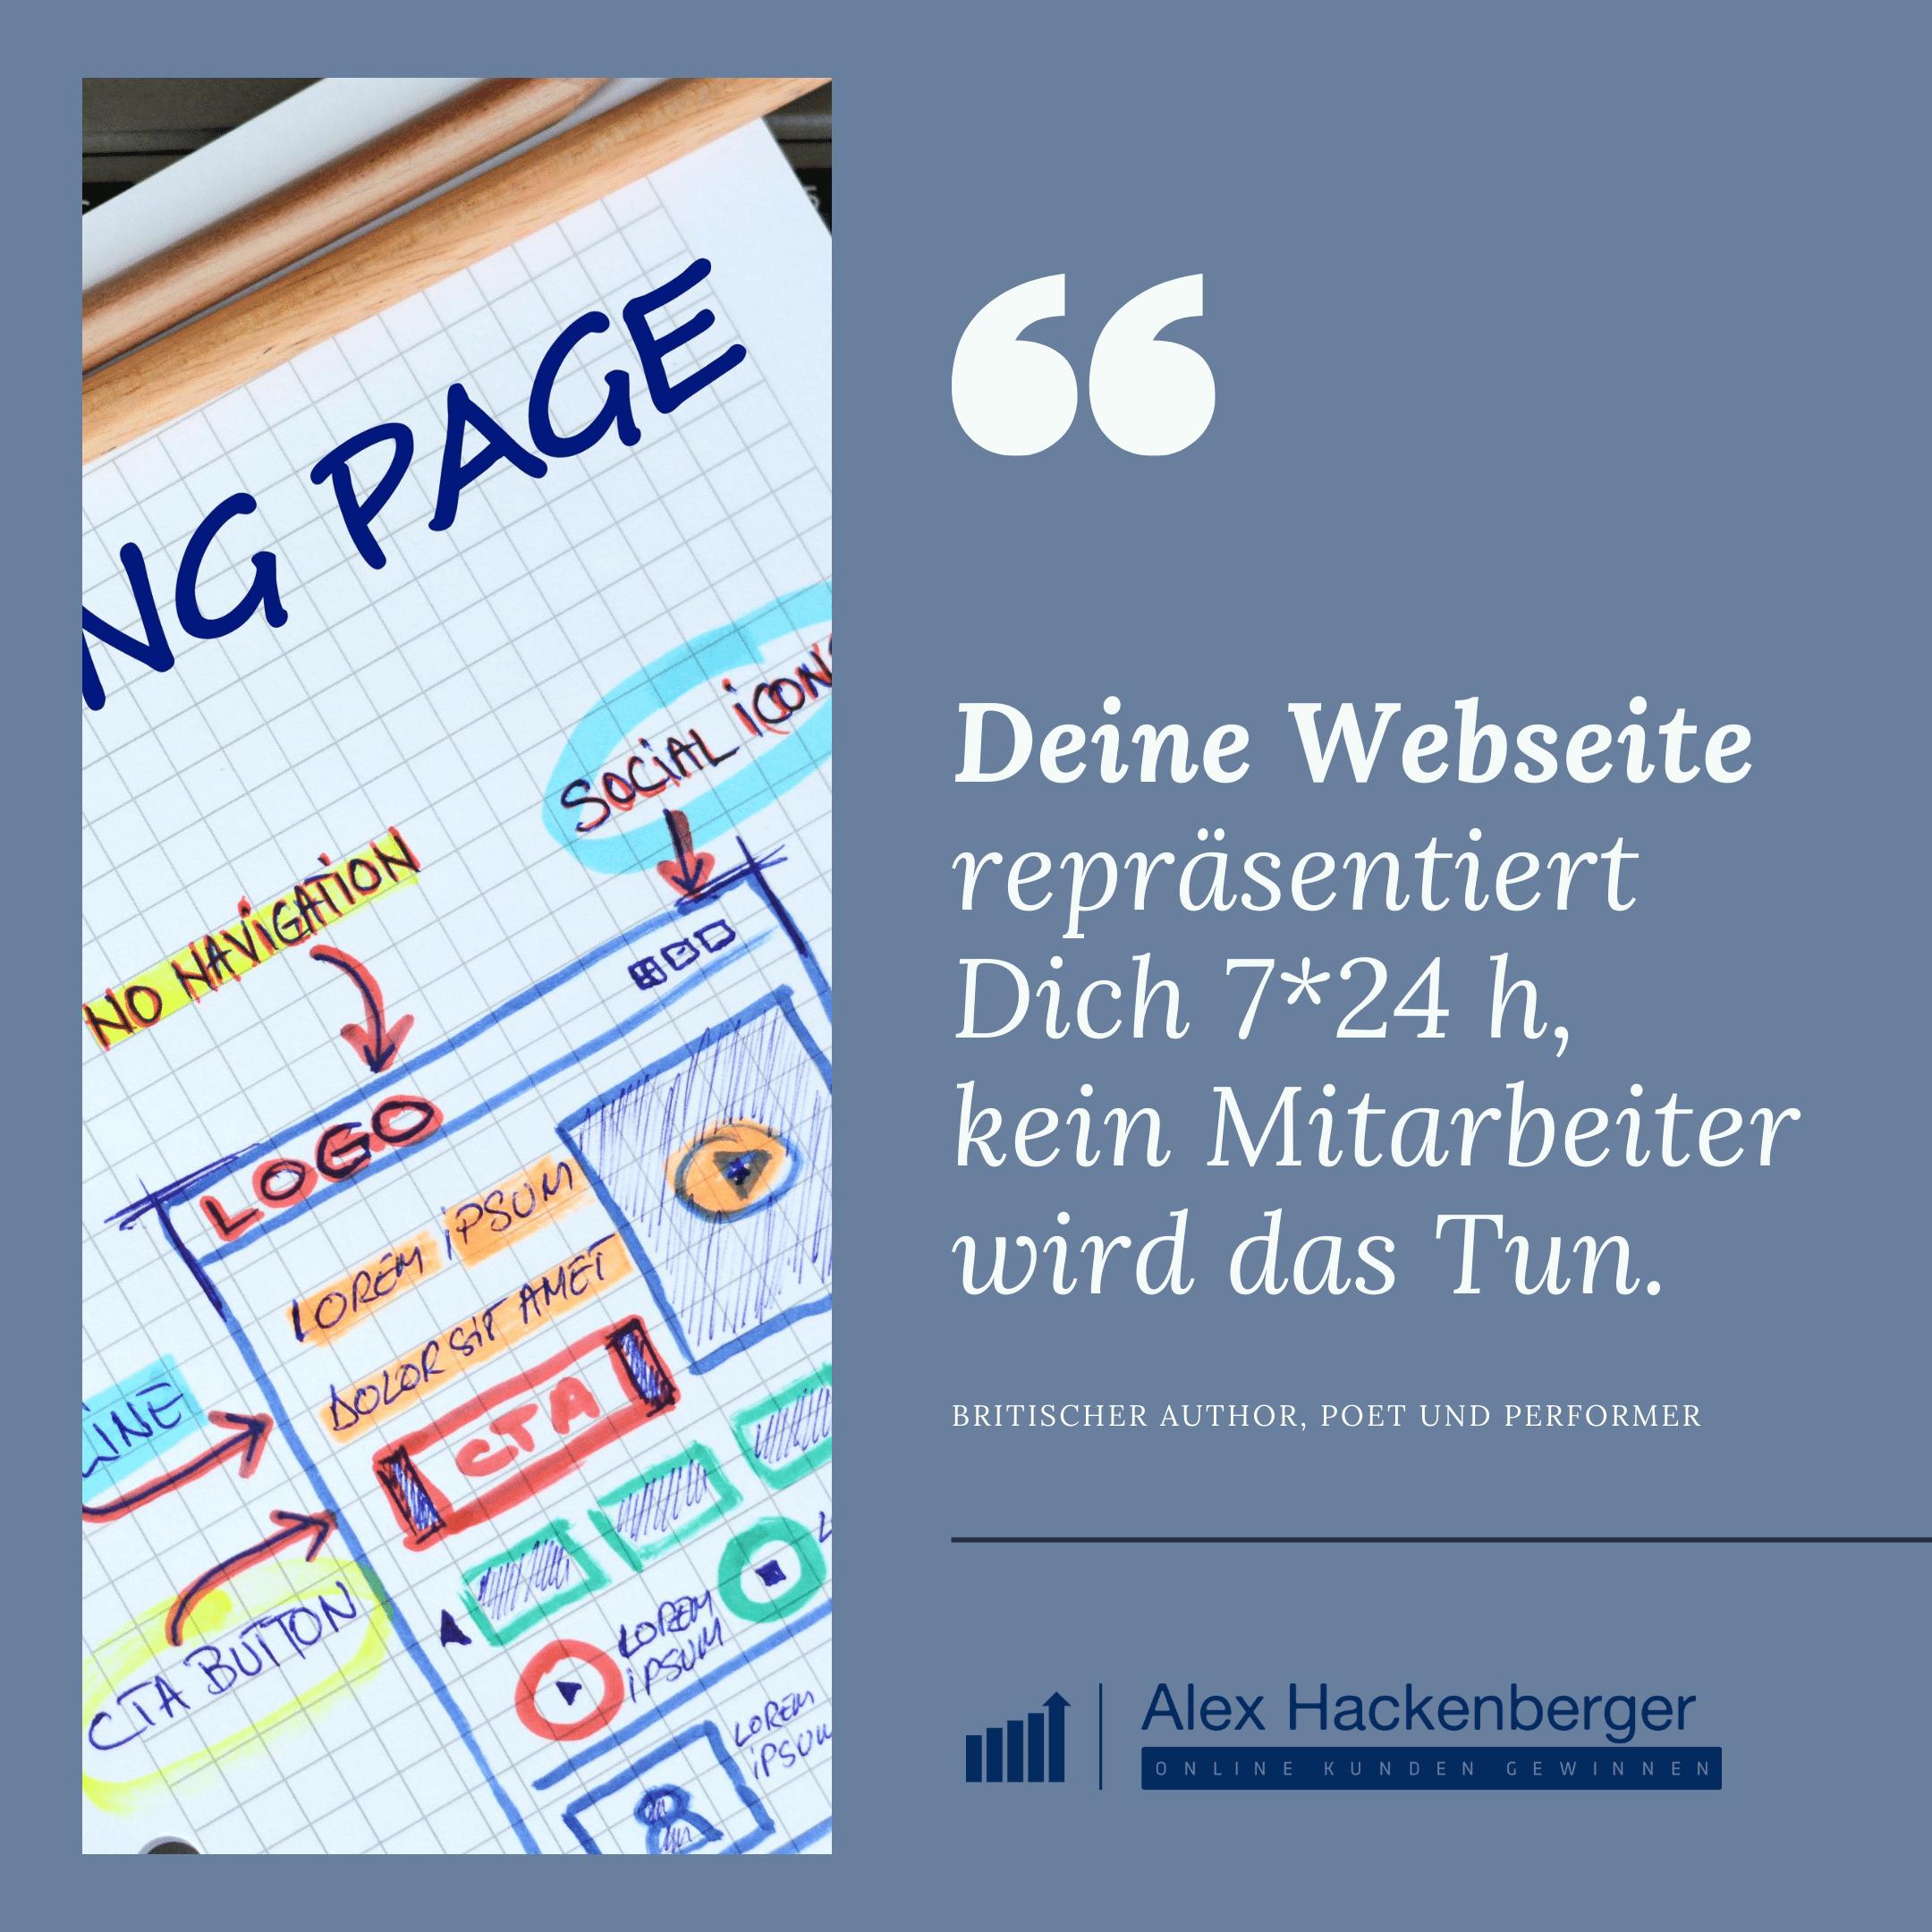 Alex Hackenberger - Deine Webseite repräsentiert Dich 24h - Online Marketing